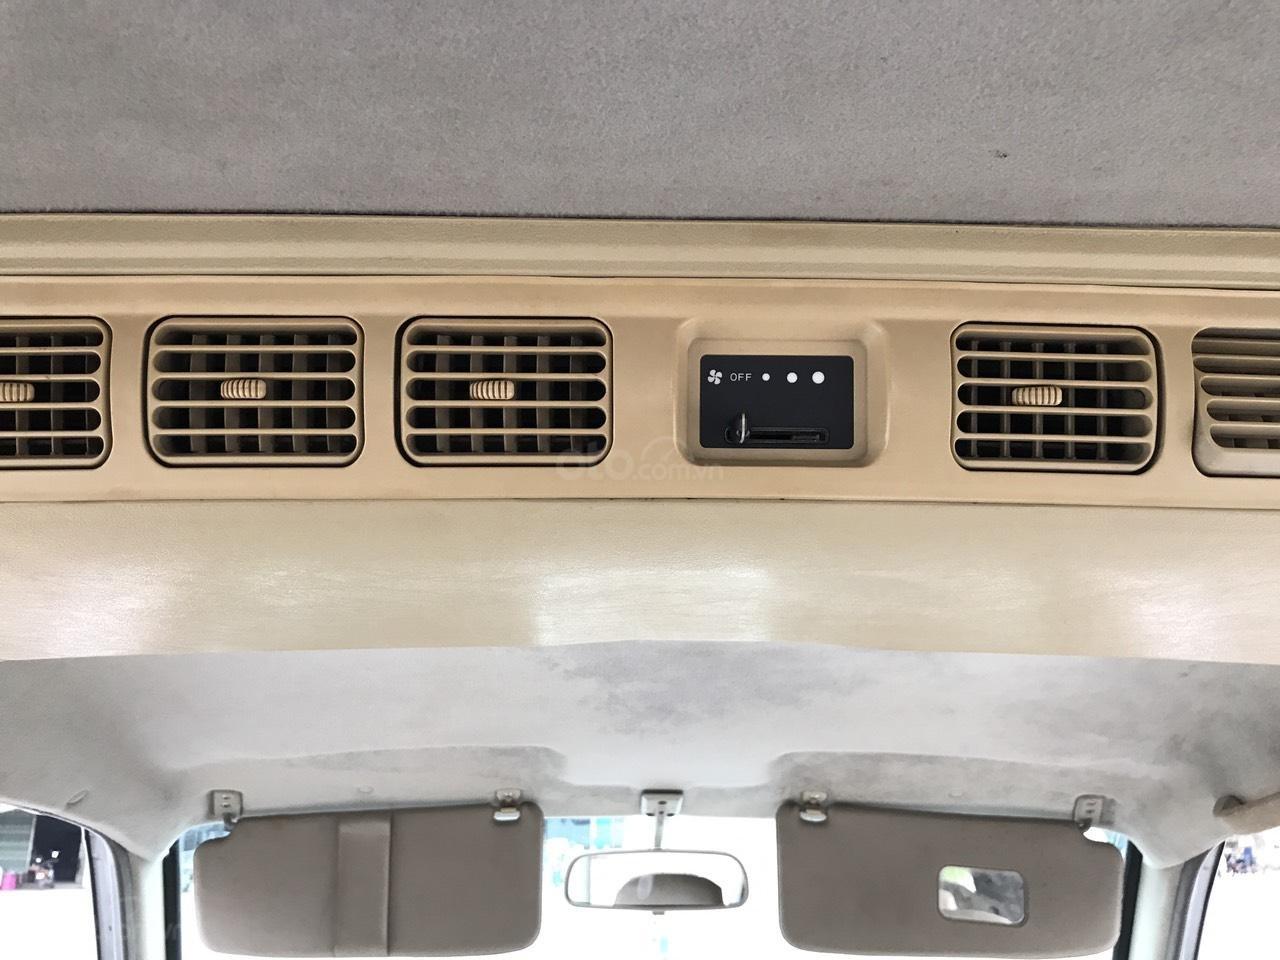 Cần bán xe Mitsubishi Jolie SS đời 2005, màu xám (ghi), cam kết máy nguyên mới (19)